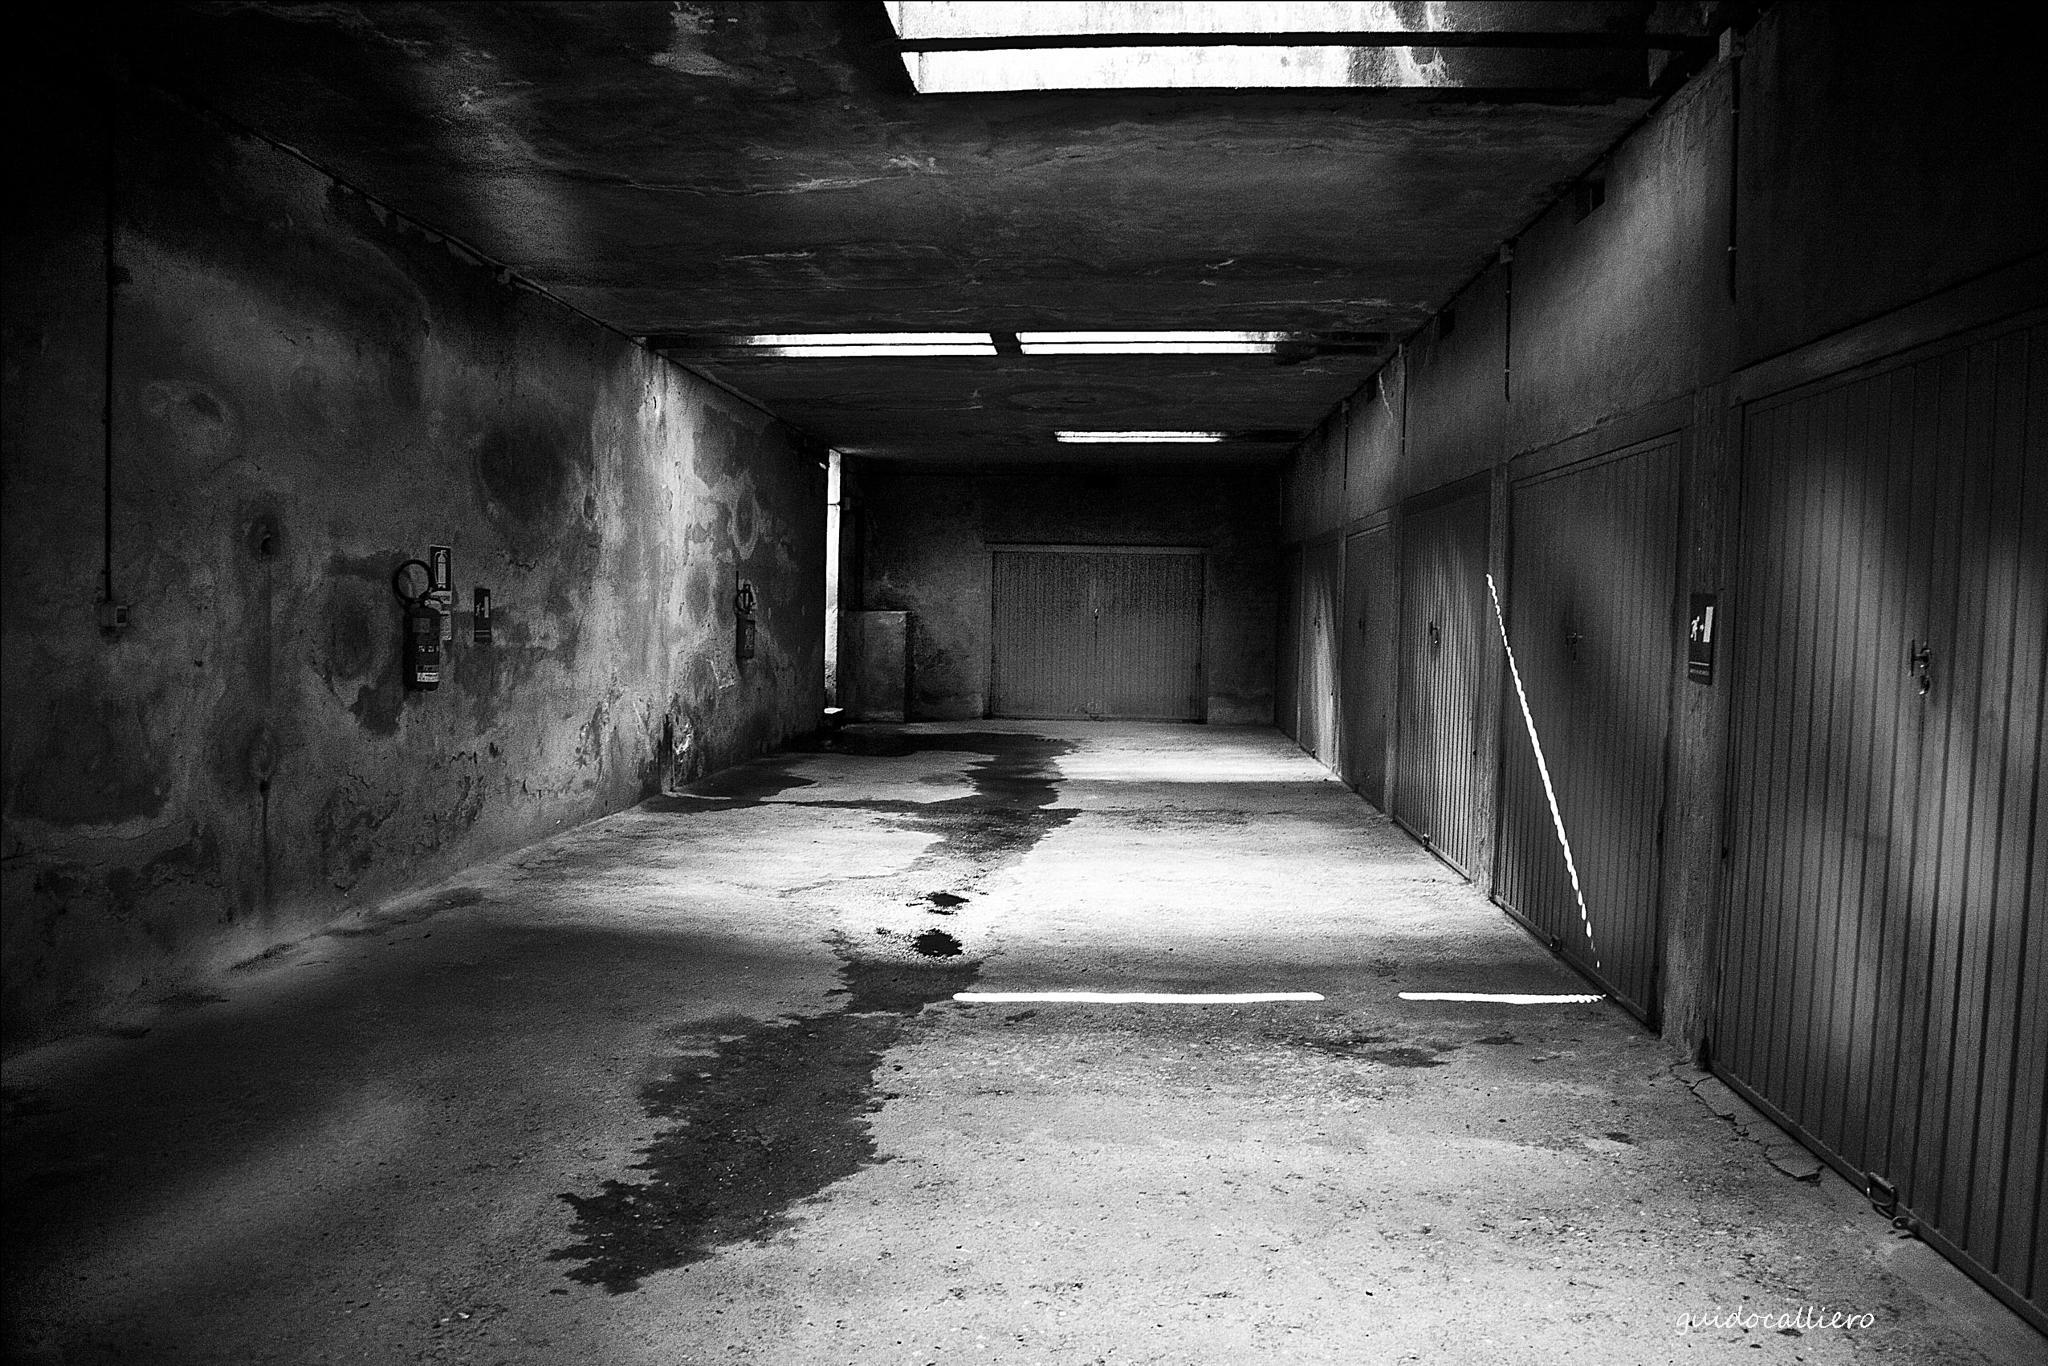 tagli di luce 8 - Guido Calliero by IMMAGINANDO